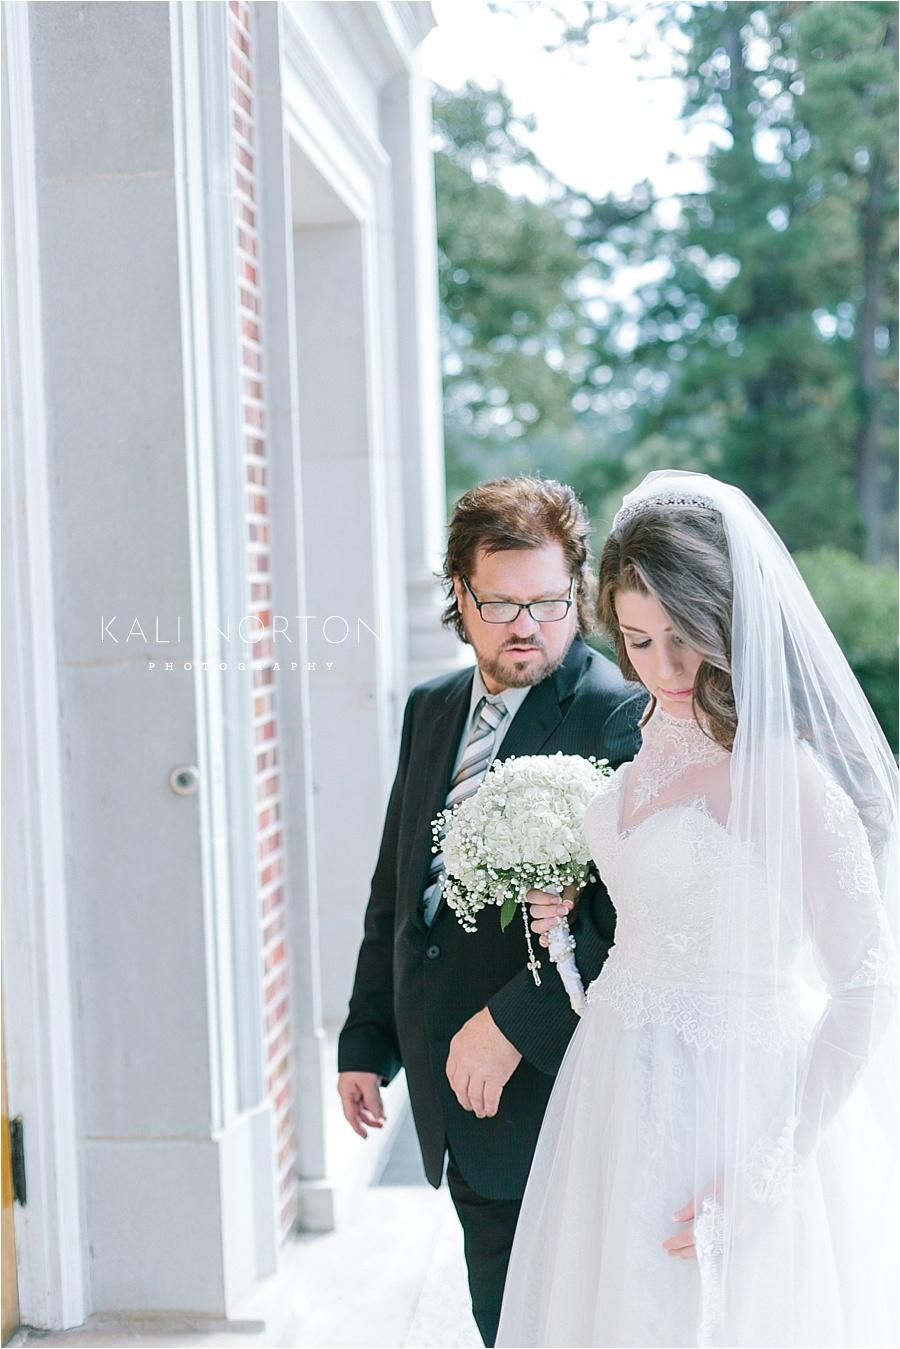 Kristina + Stephen